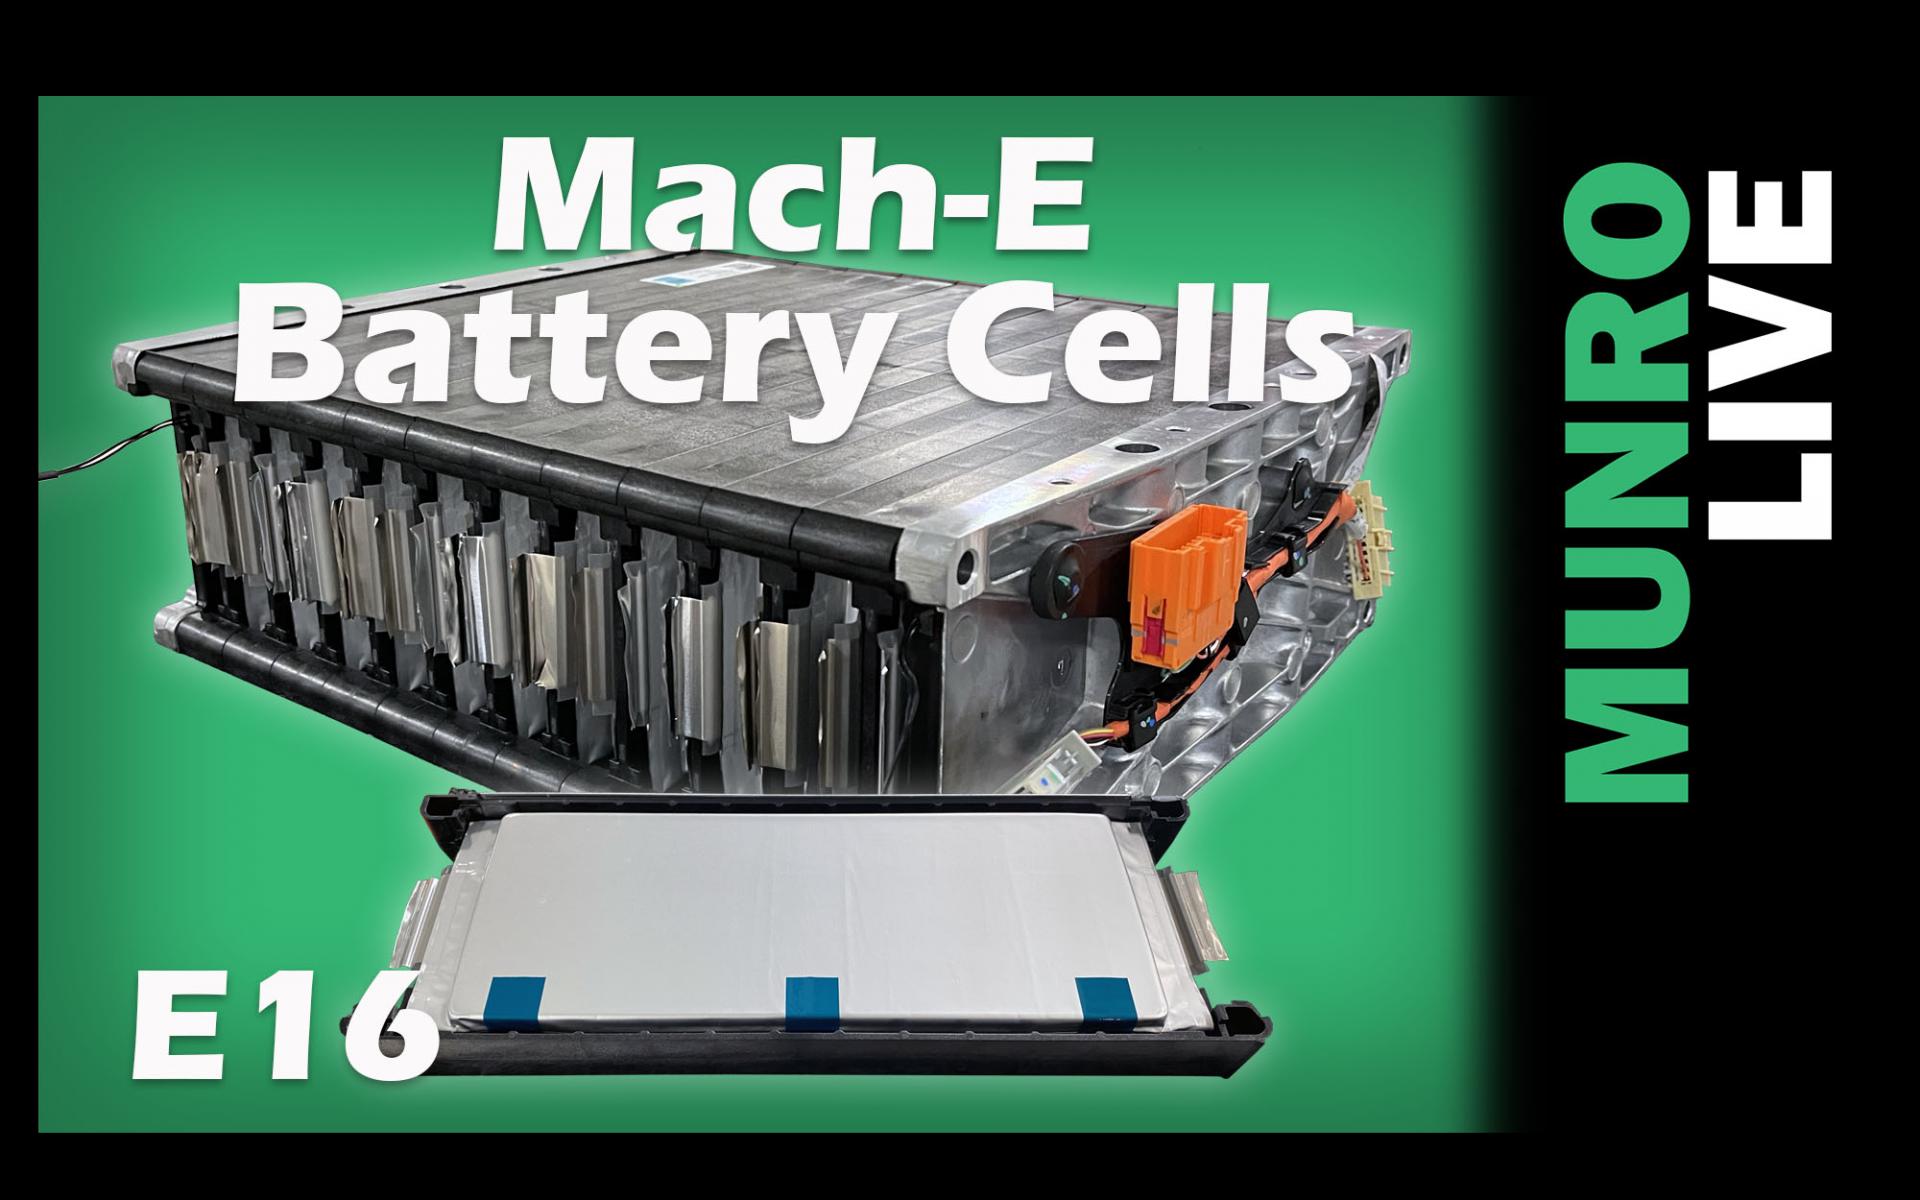 Mach-E Battery Cells